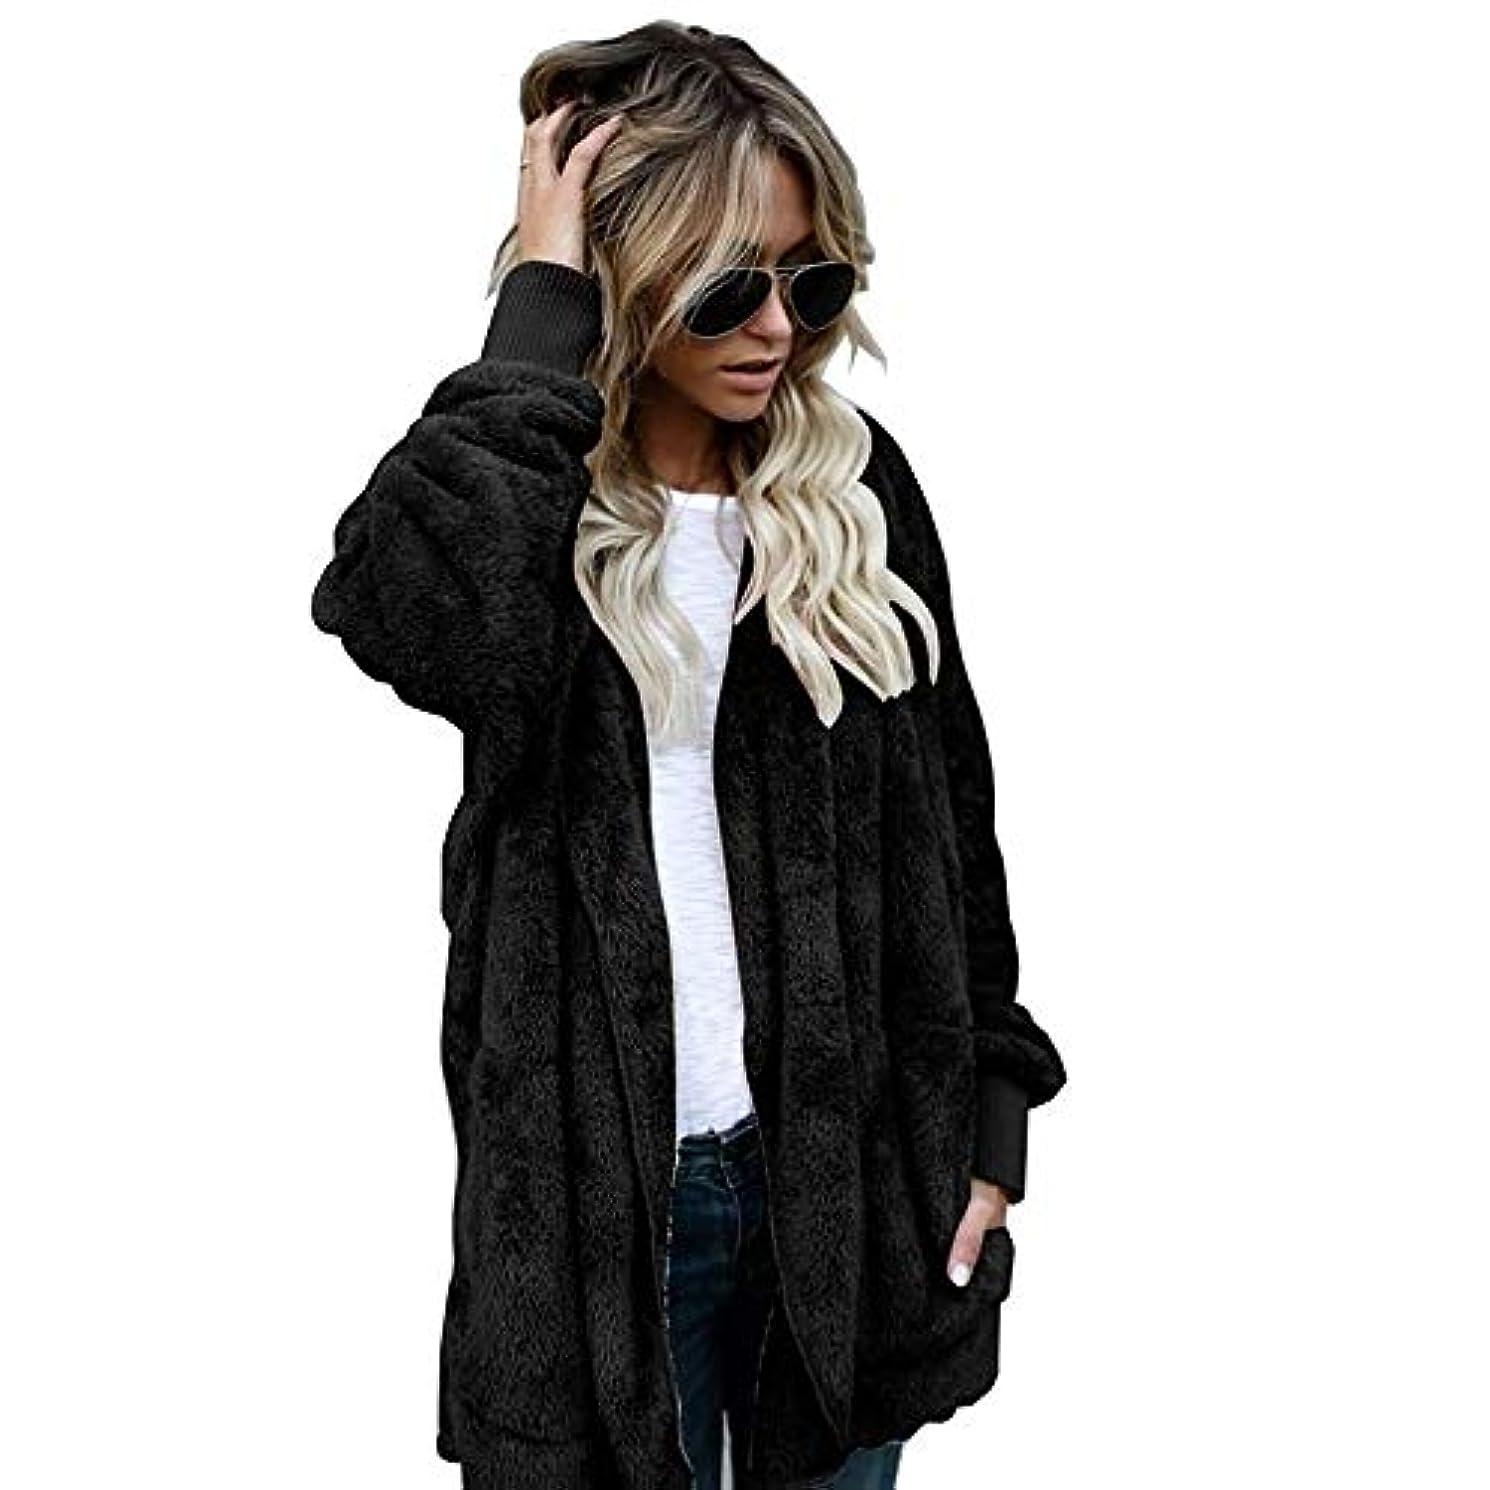 喉頭だます吹きさらしMIFAN 長袖パーカー、冬のコート、女性のコート、女性の緩い厚く暖かいフェイクファーフード付きカーディガン